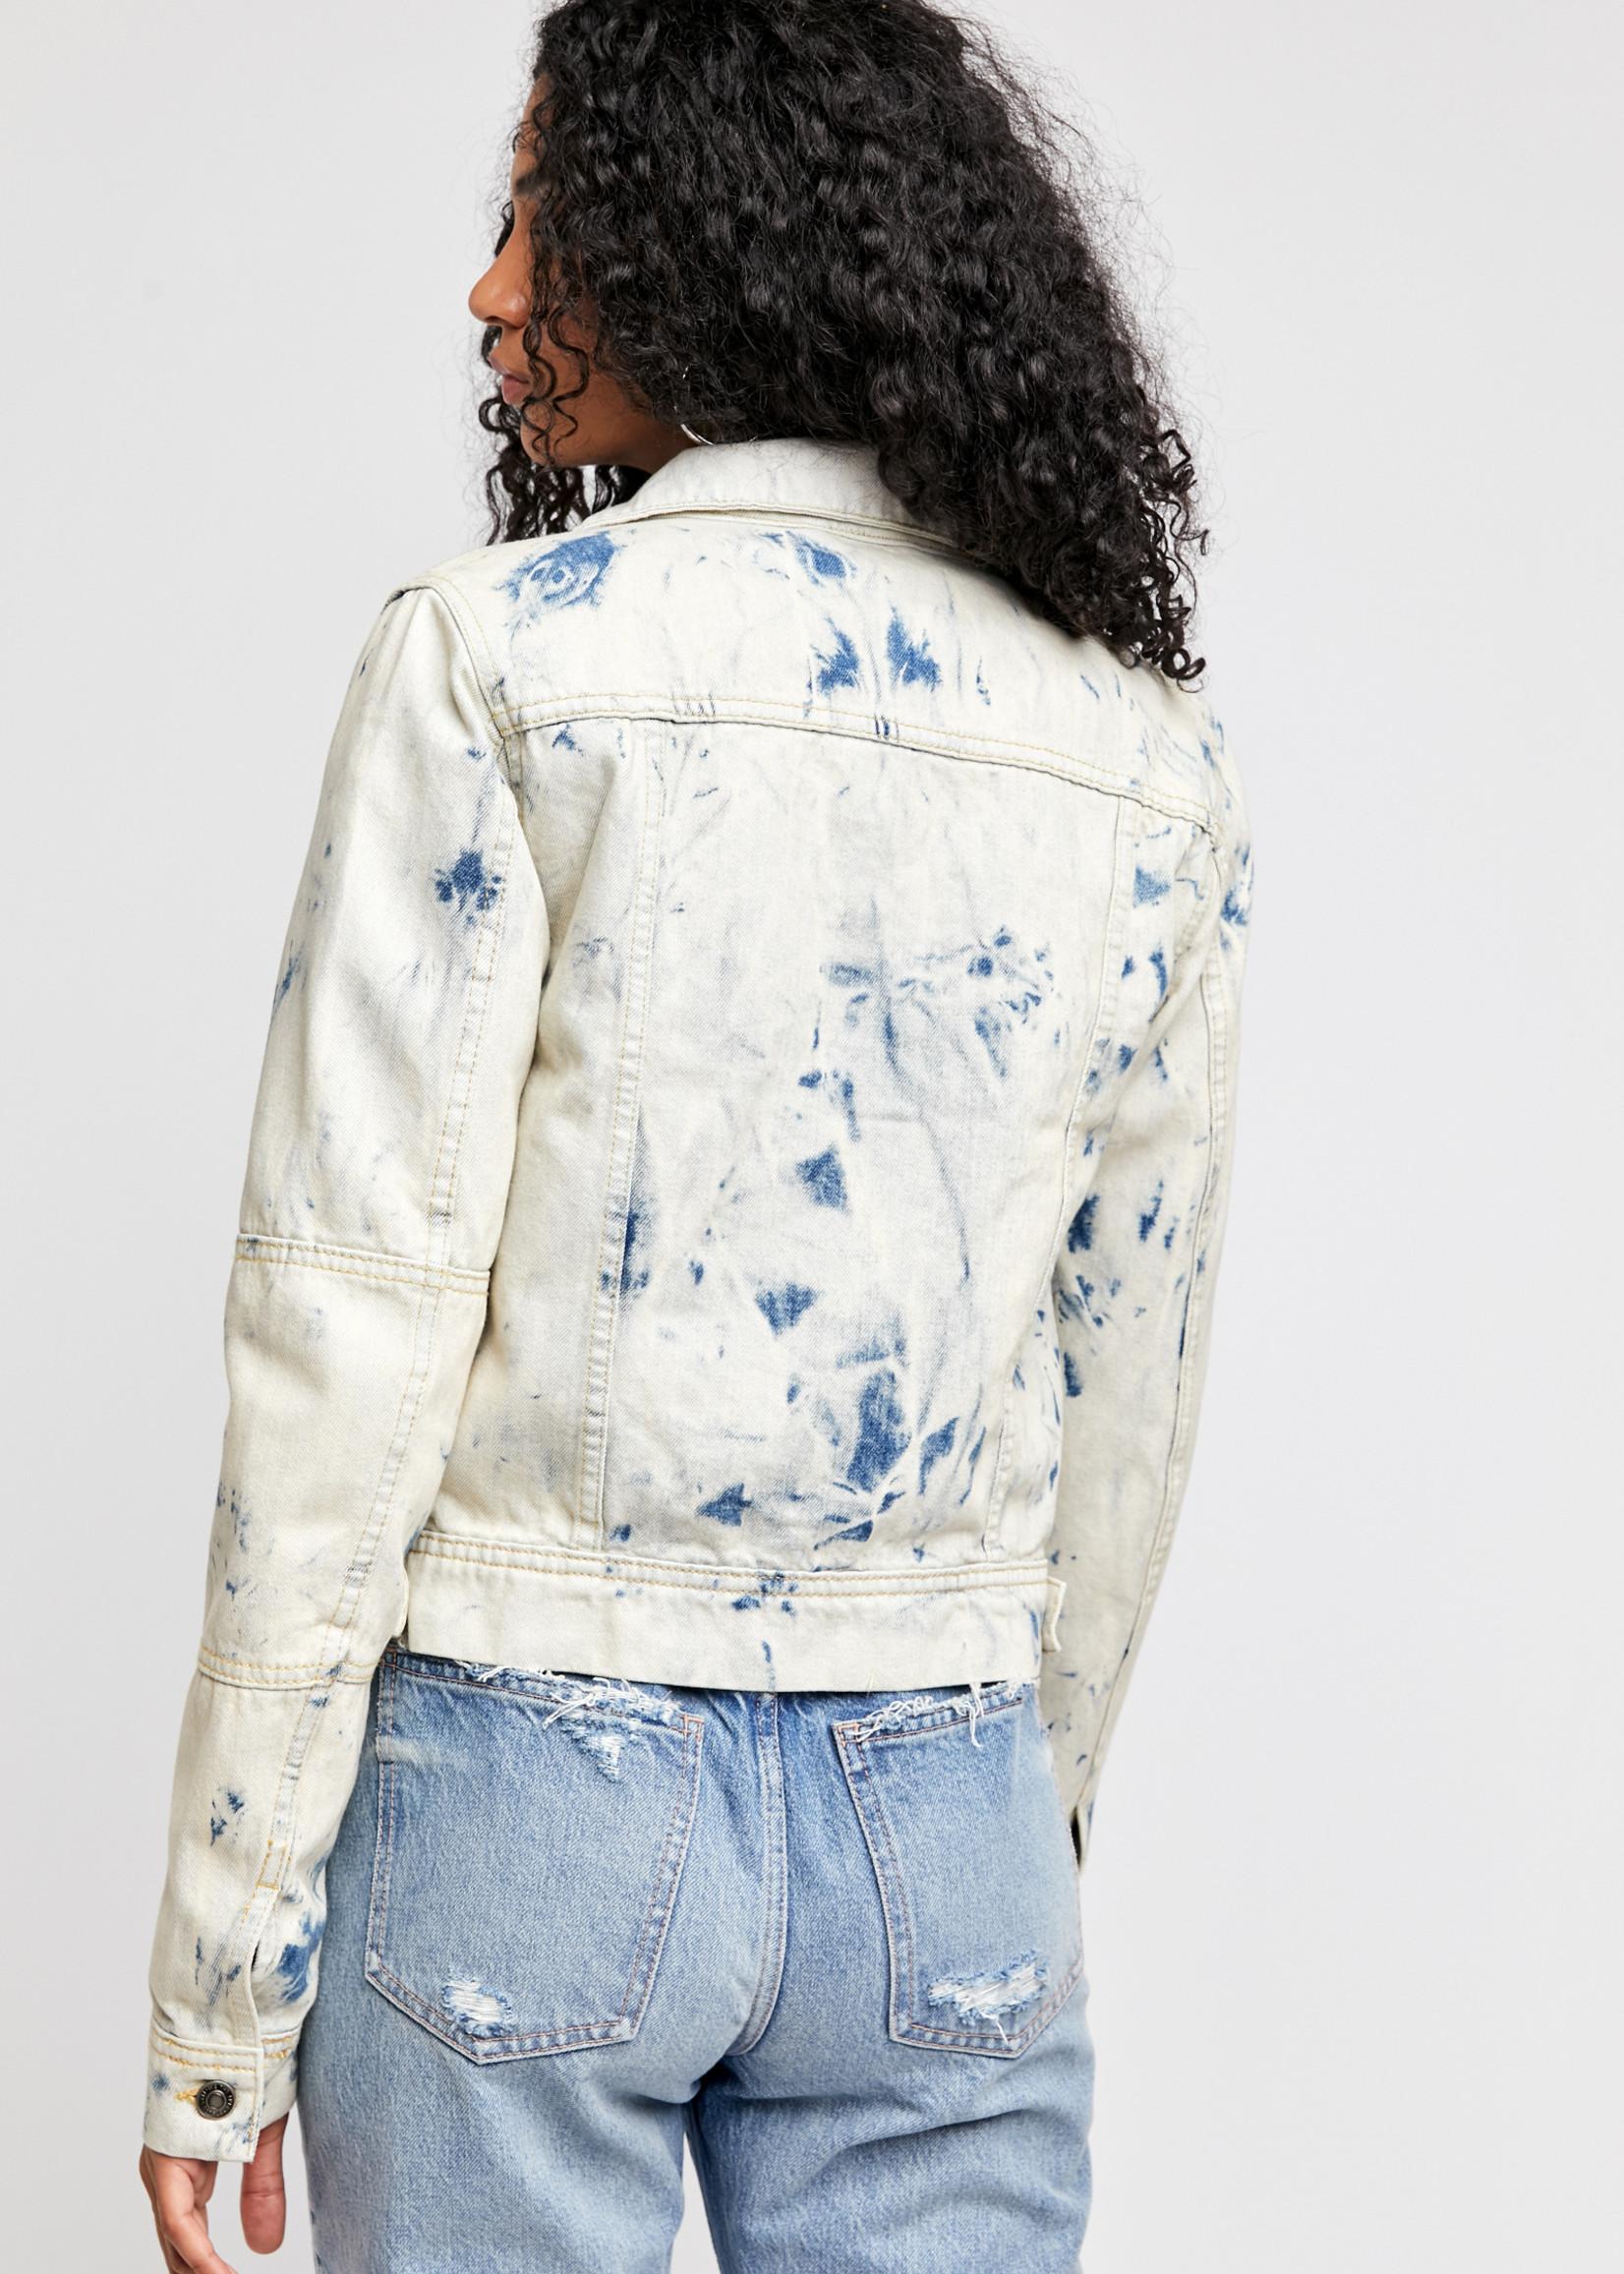 free people free people rumors denim jacket